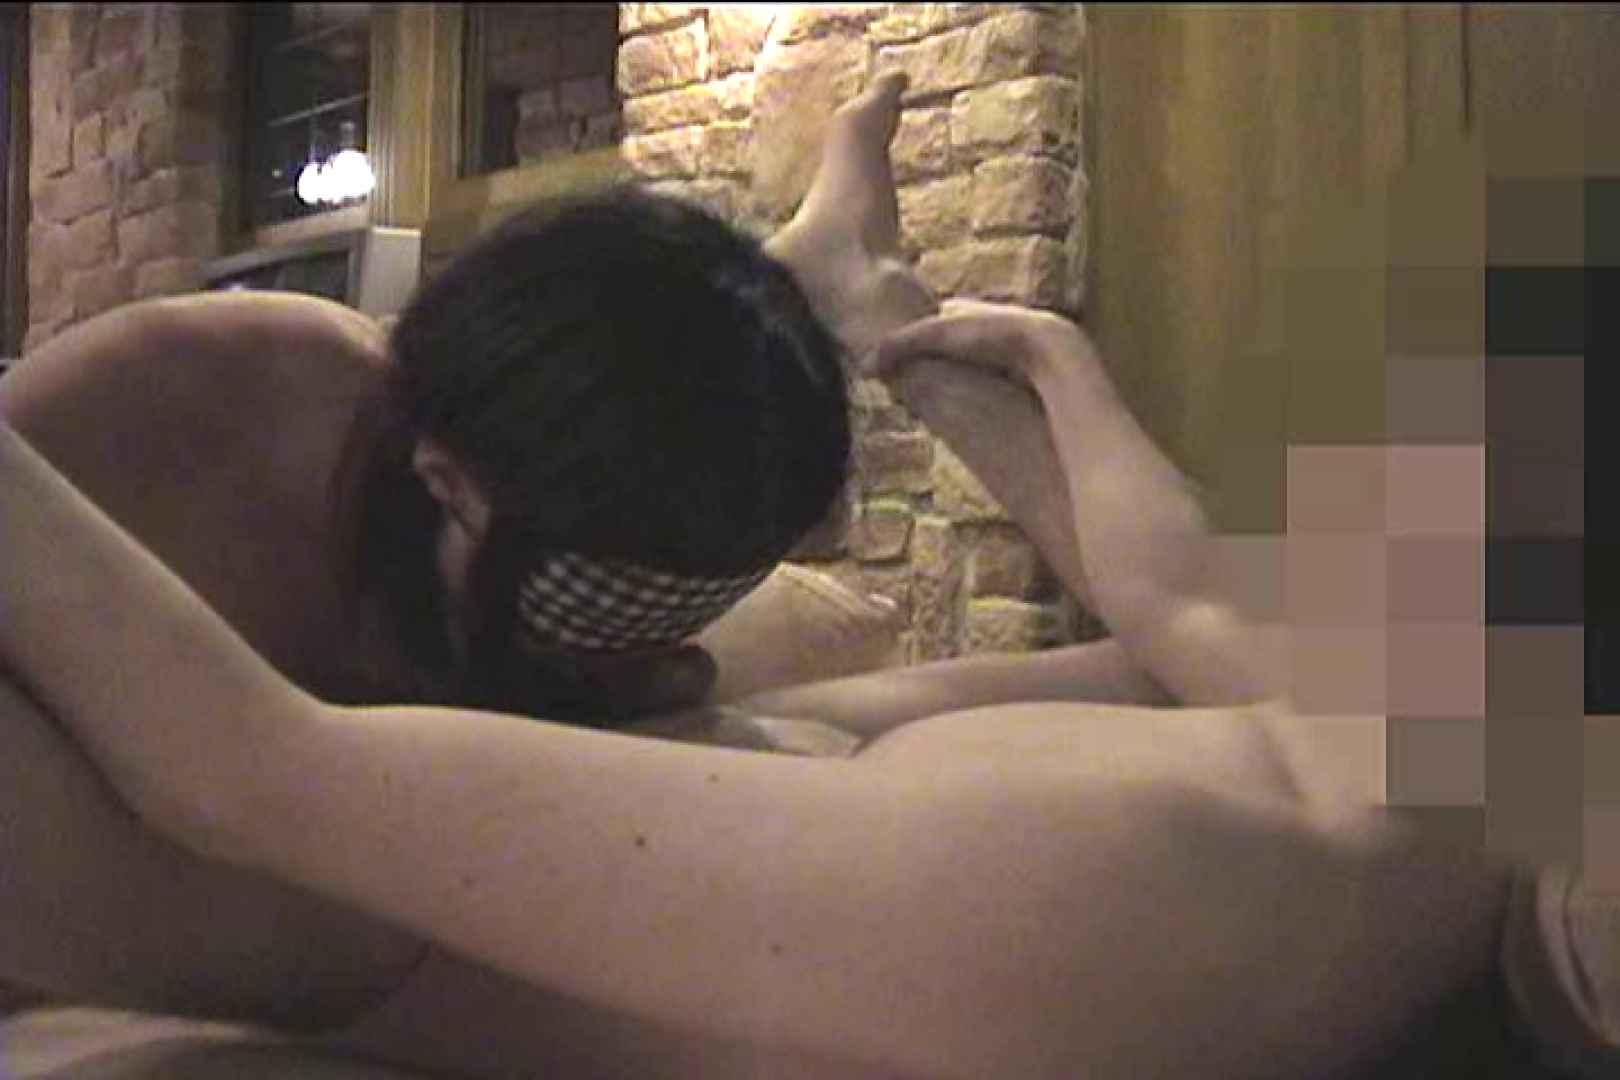 感度抜群純情嬢・バージンかなちゃんVol.1 セックス | OLヌード天国  71PIX 21